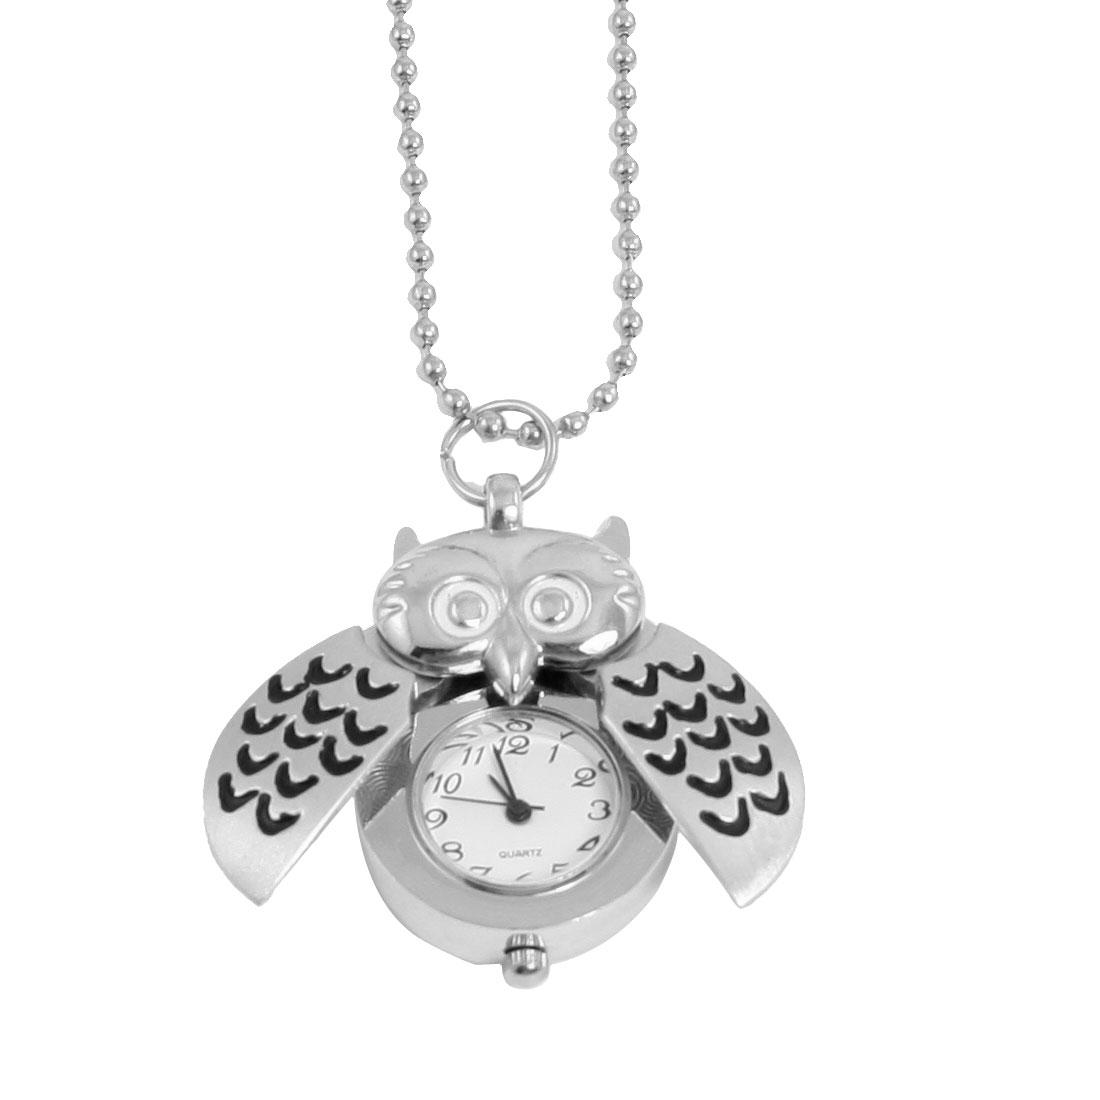 Black Silver Tone Owl Pendant Metal Necklace Quartz Watch for Ladies